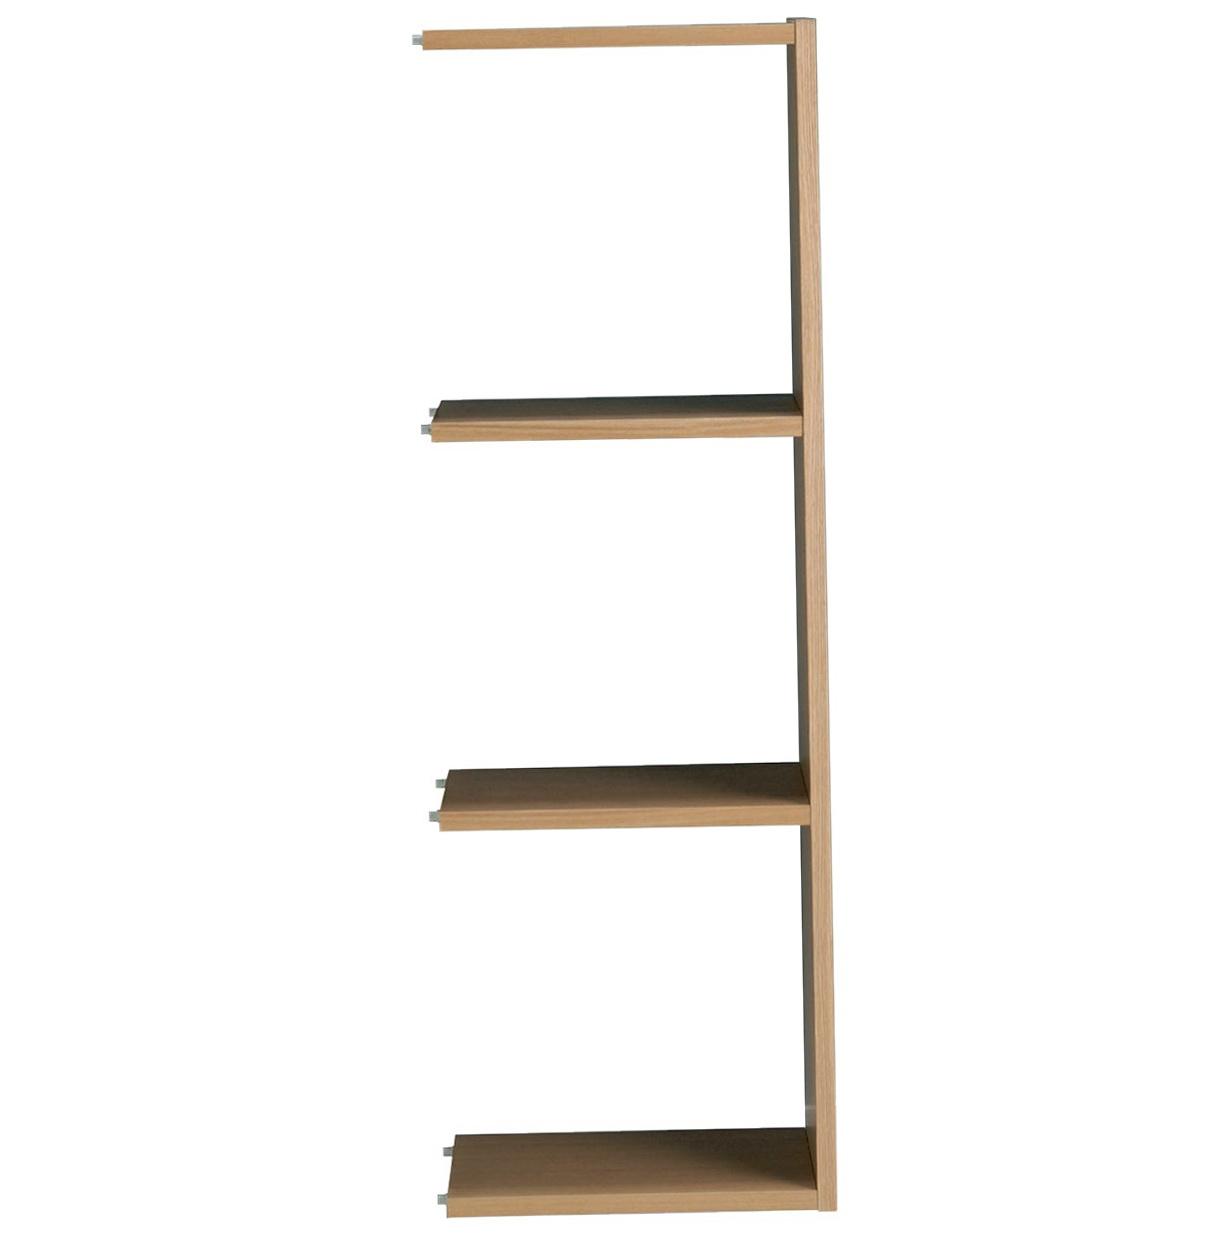 Narrow Wall Shelf Ikea Wall Shelves 14787 Home Design Ideas